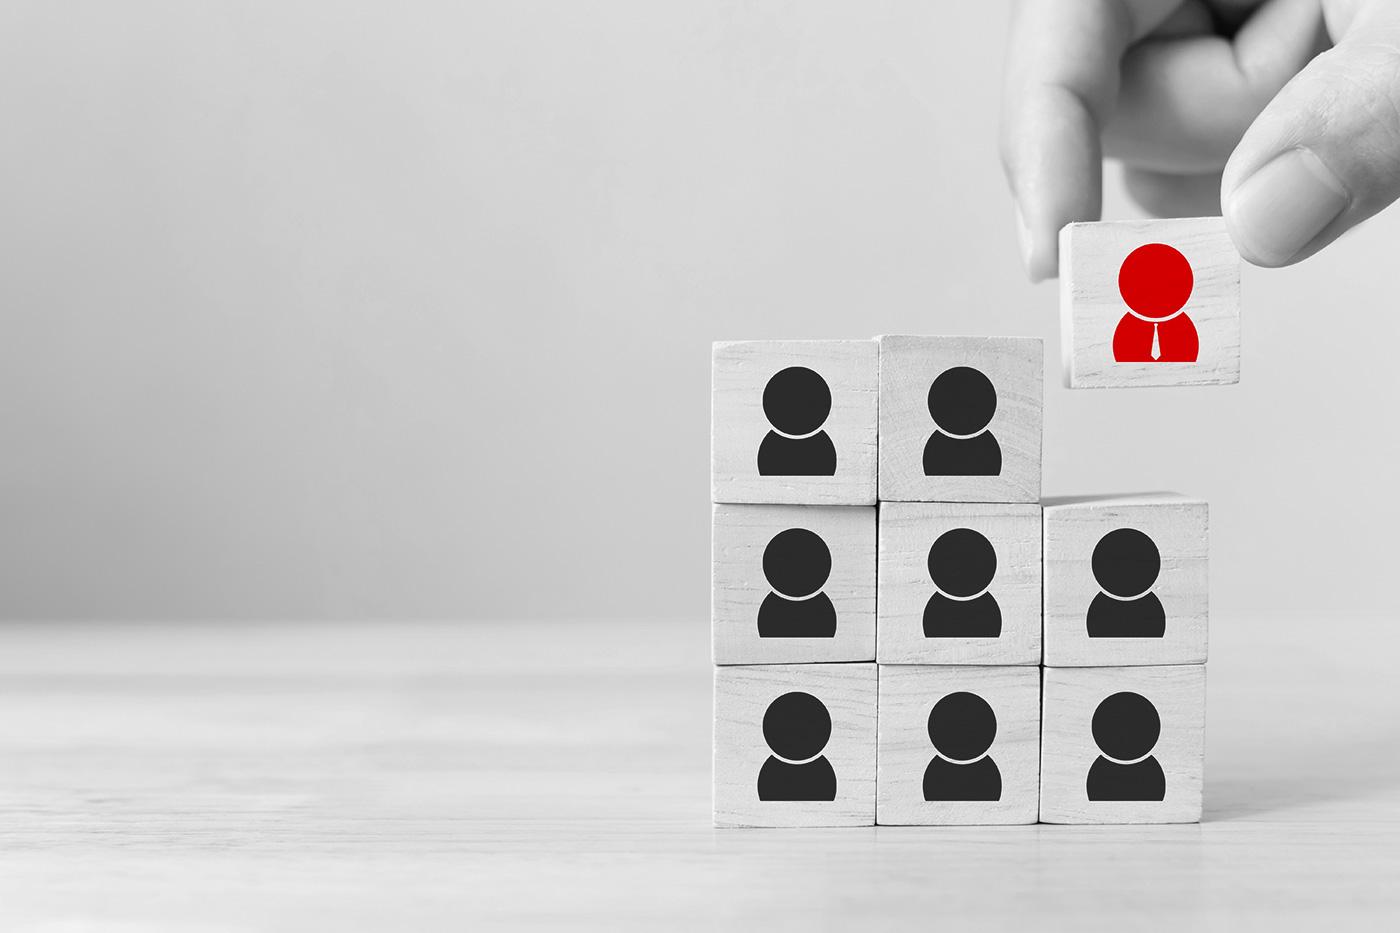 Markkinointijohtaja ei kuulu johtoryhmään